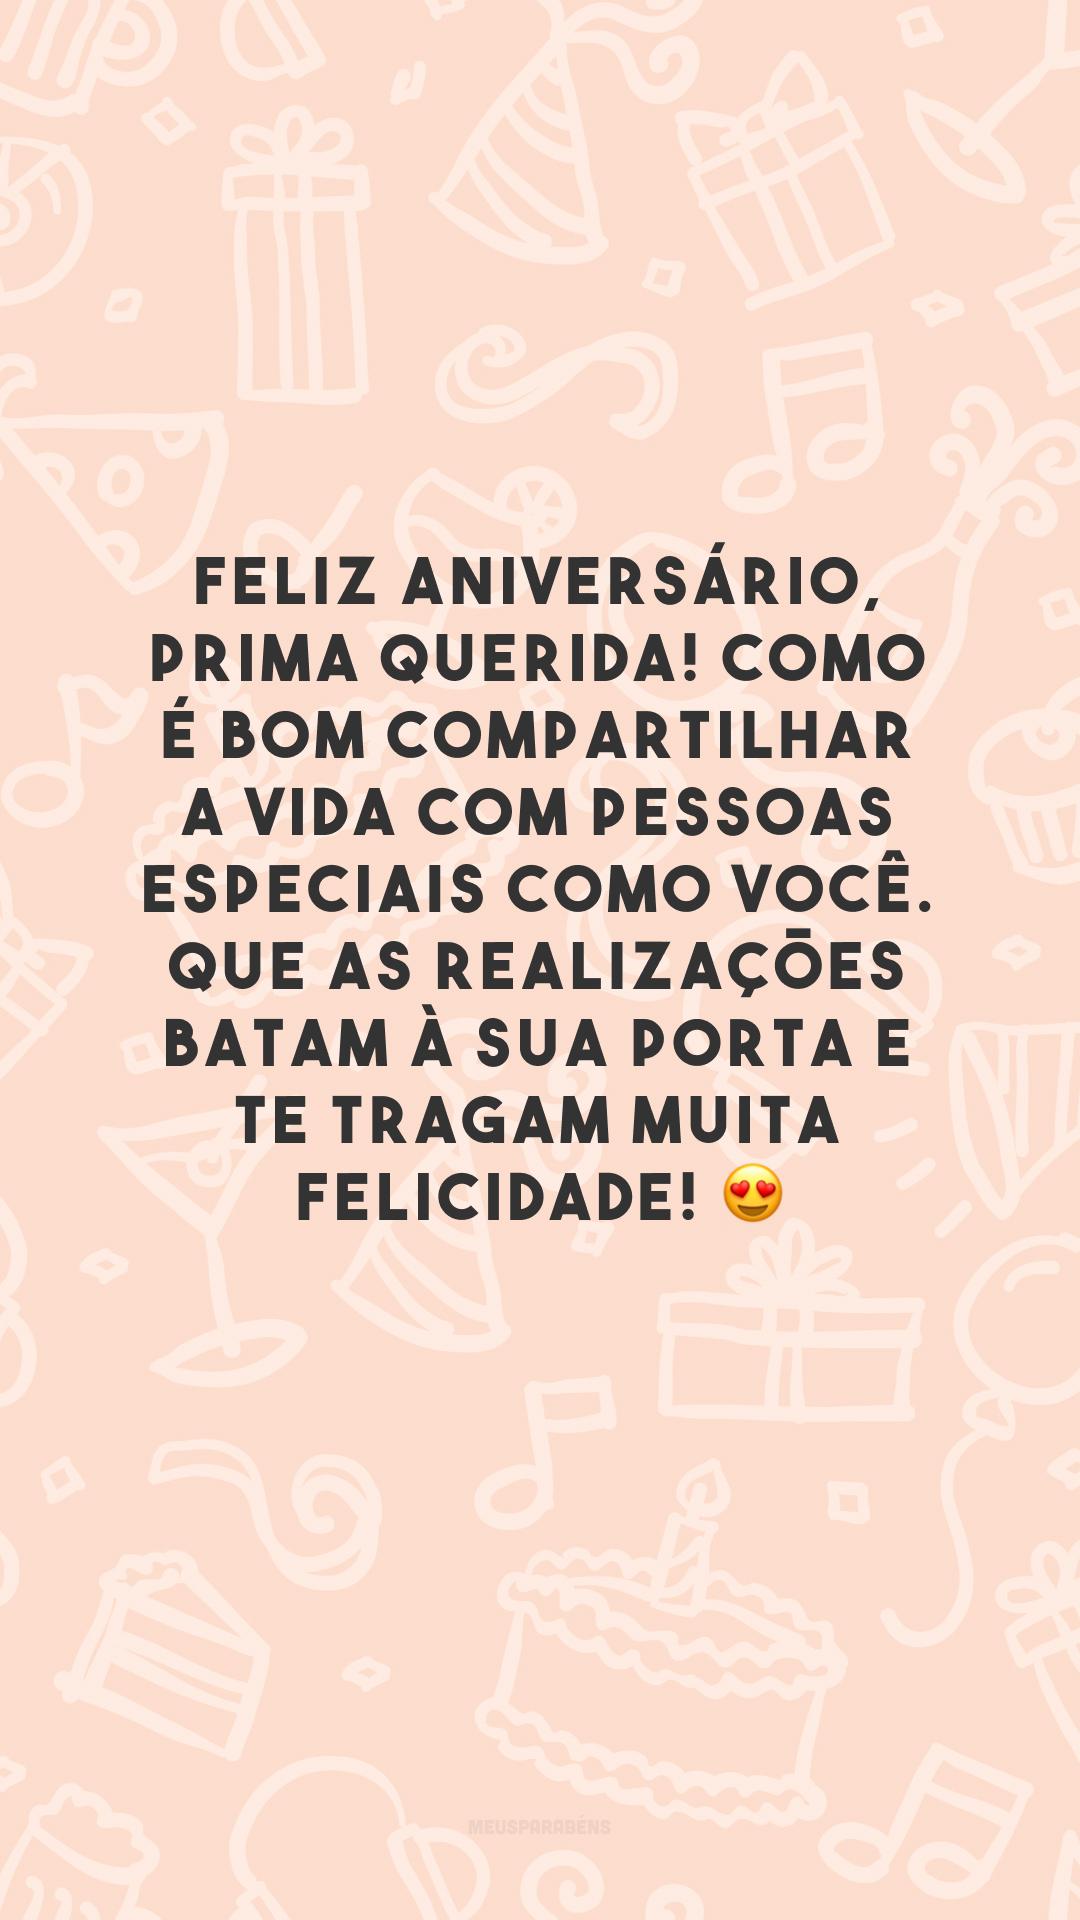 Feliz aniversário, prima querida! Como é bom compartilhar a vida com pessoas especiais como você. Que as realizações batam à sua porta e te tragam muita felicidade! 😍